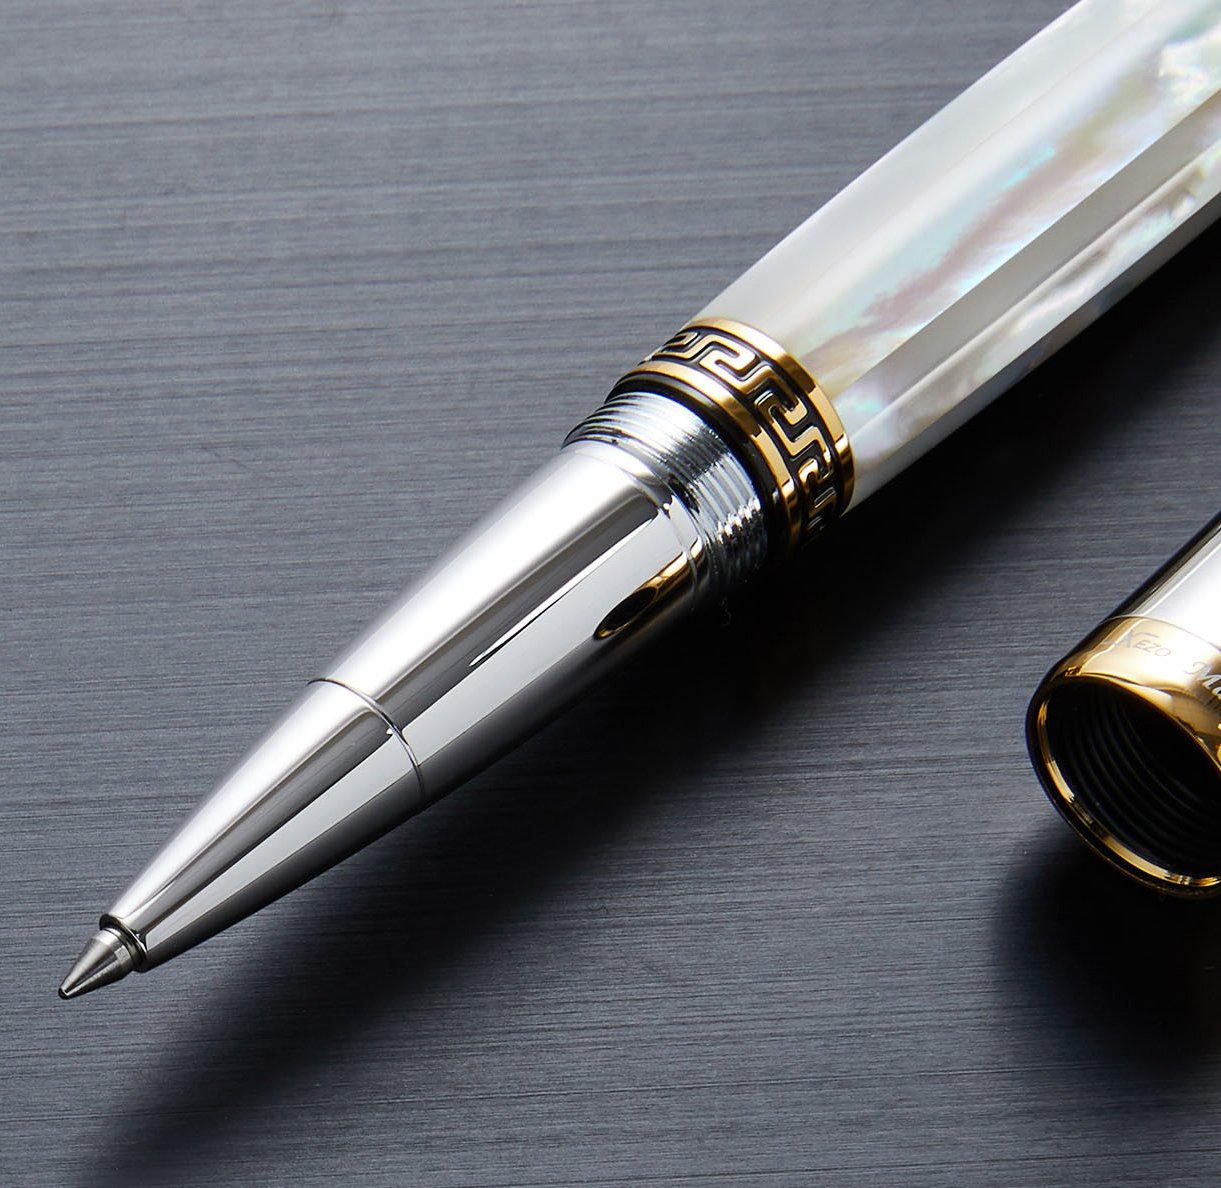 Xezo Maestro - Bolígrafo de punta fina con acabado de nácar y platino: Amazon.es: Oficina y papelería